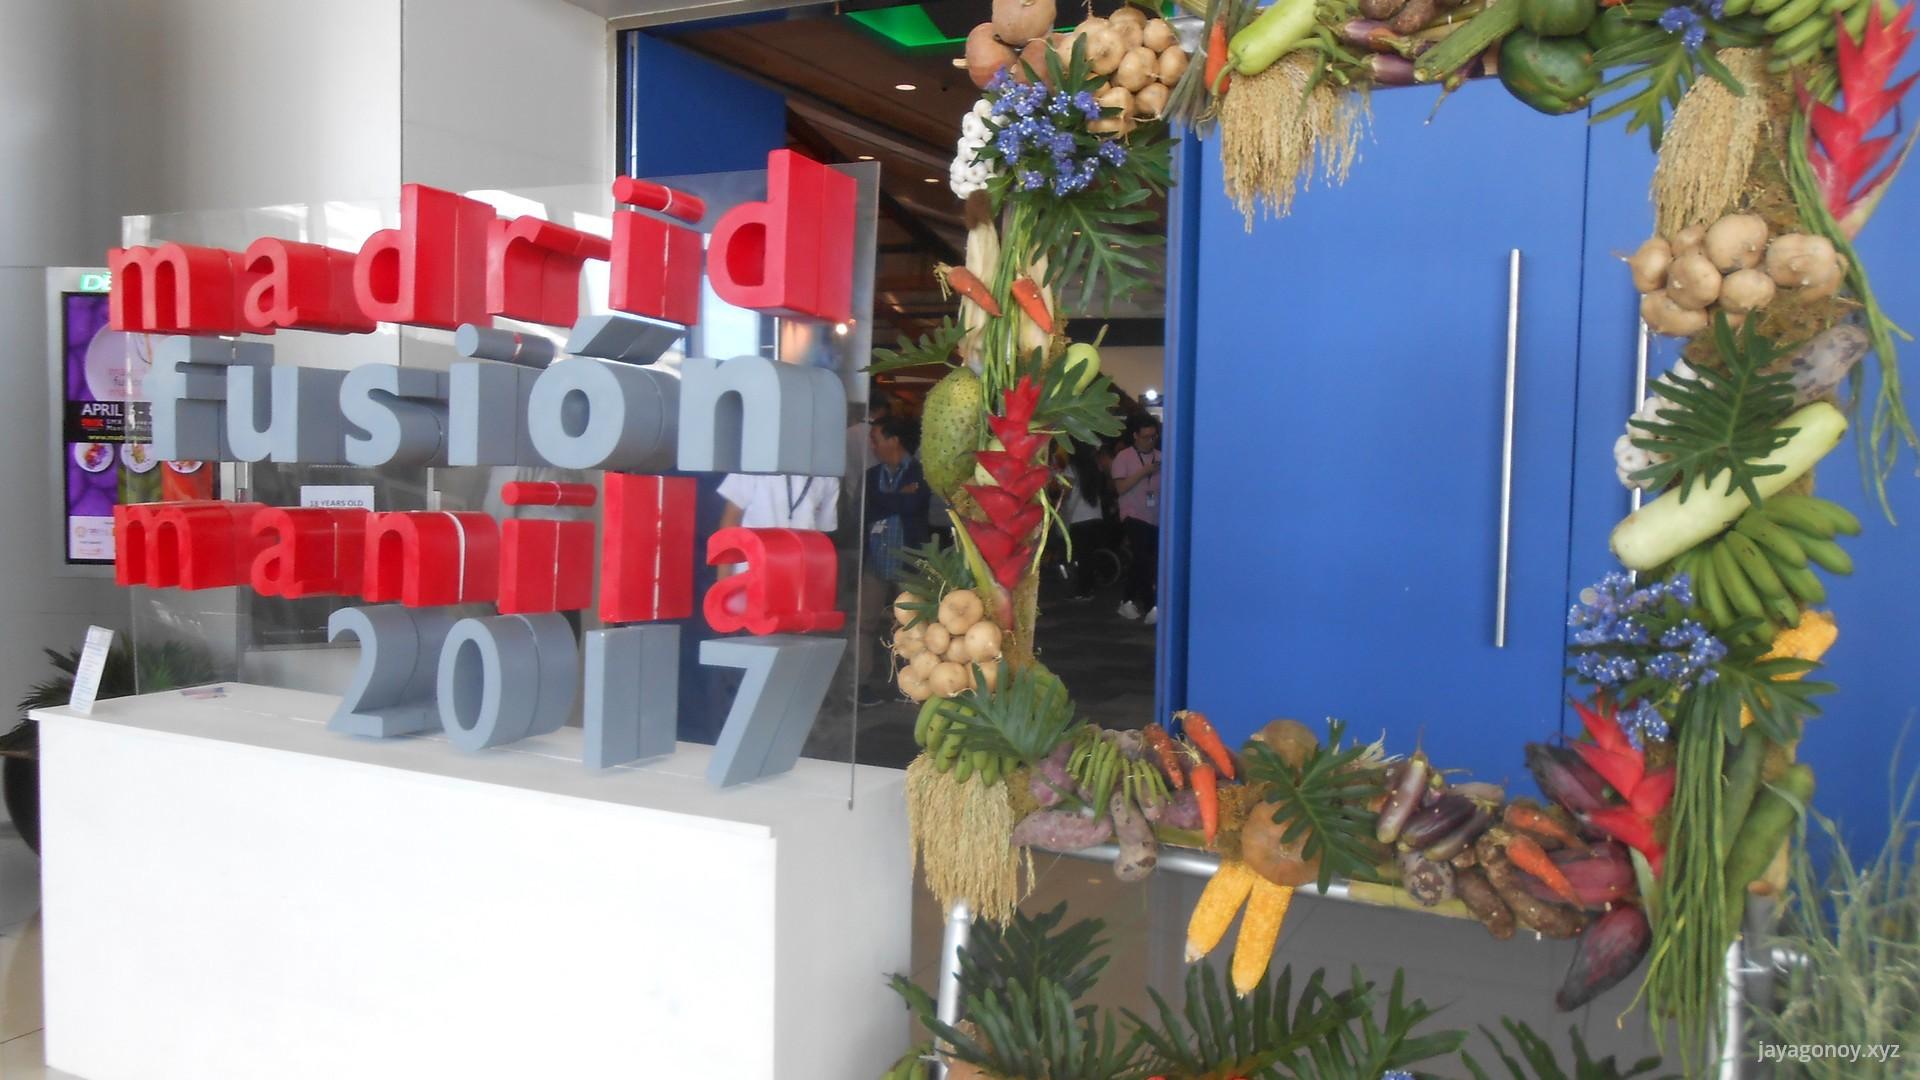 I went to Madrid Fusion Manila 2017 Expo for a grandiose merienda.